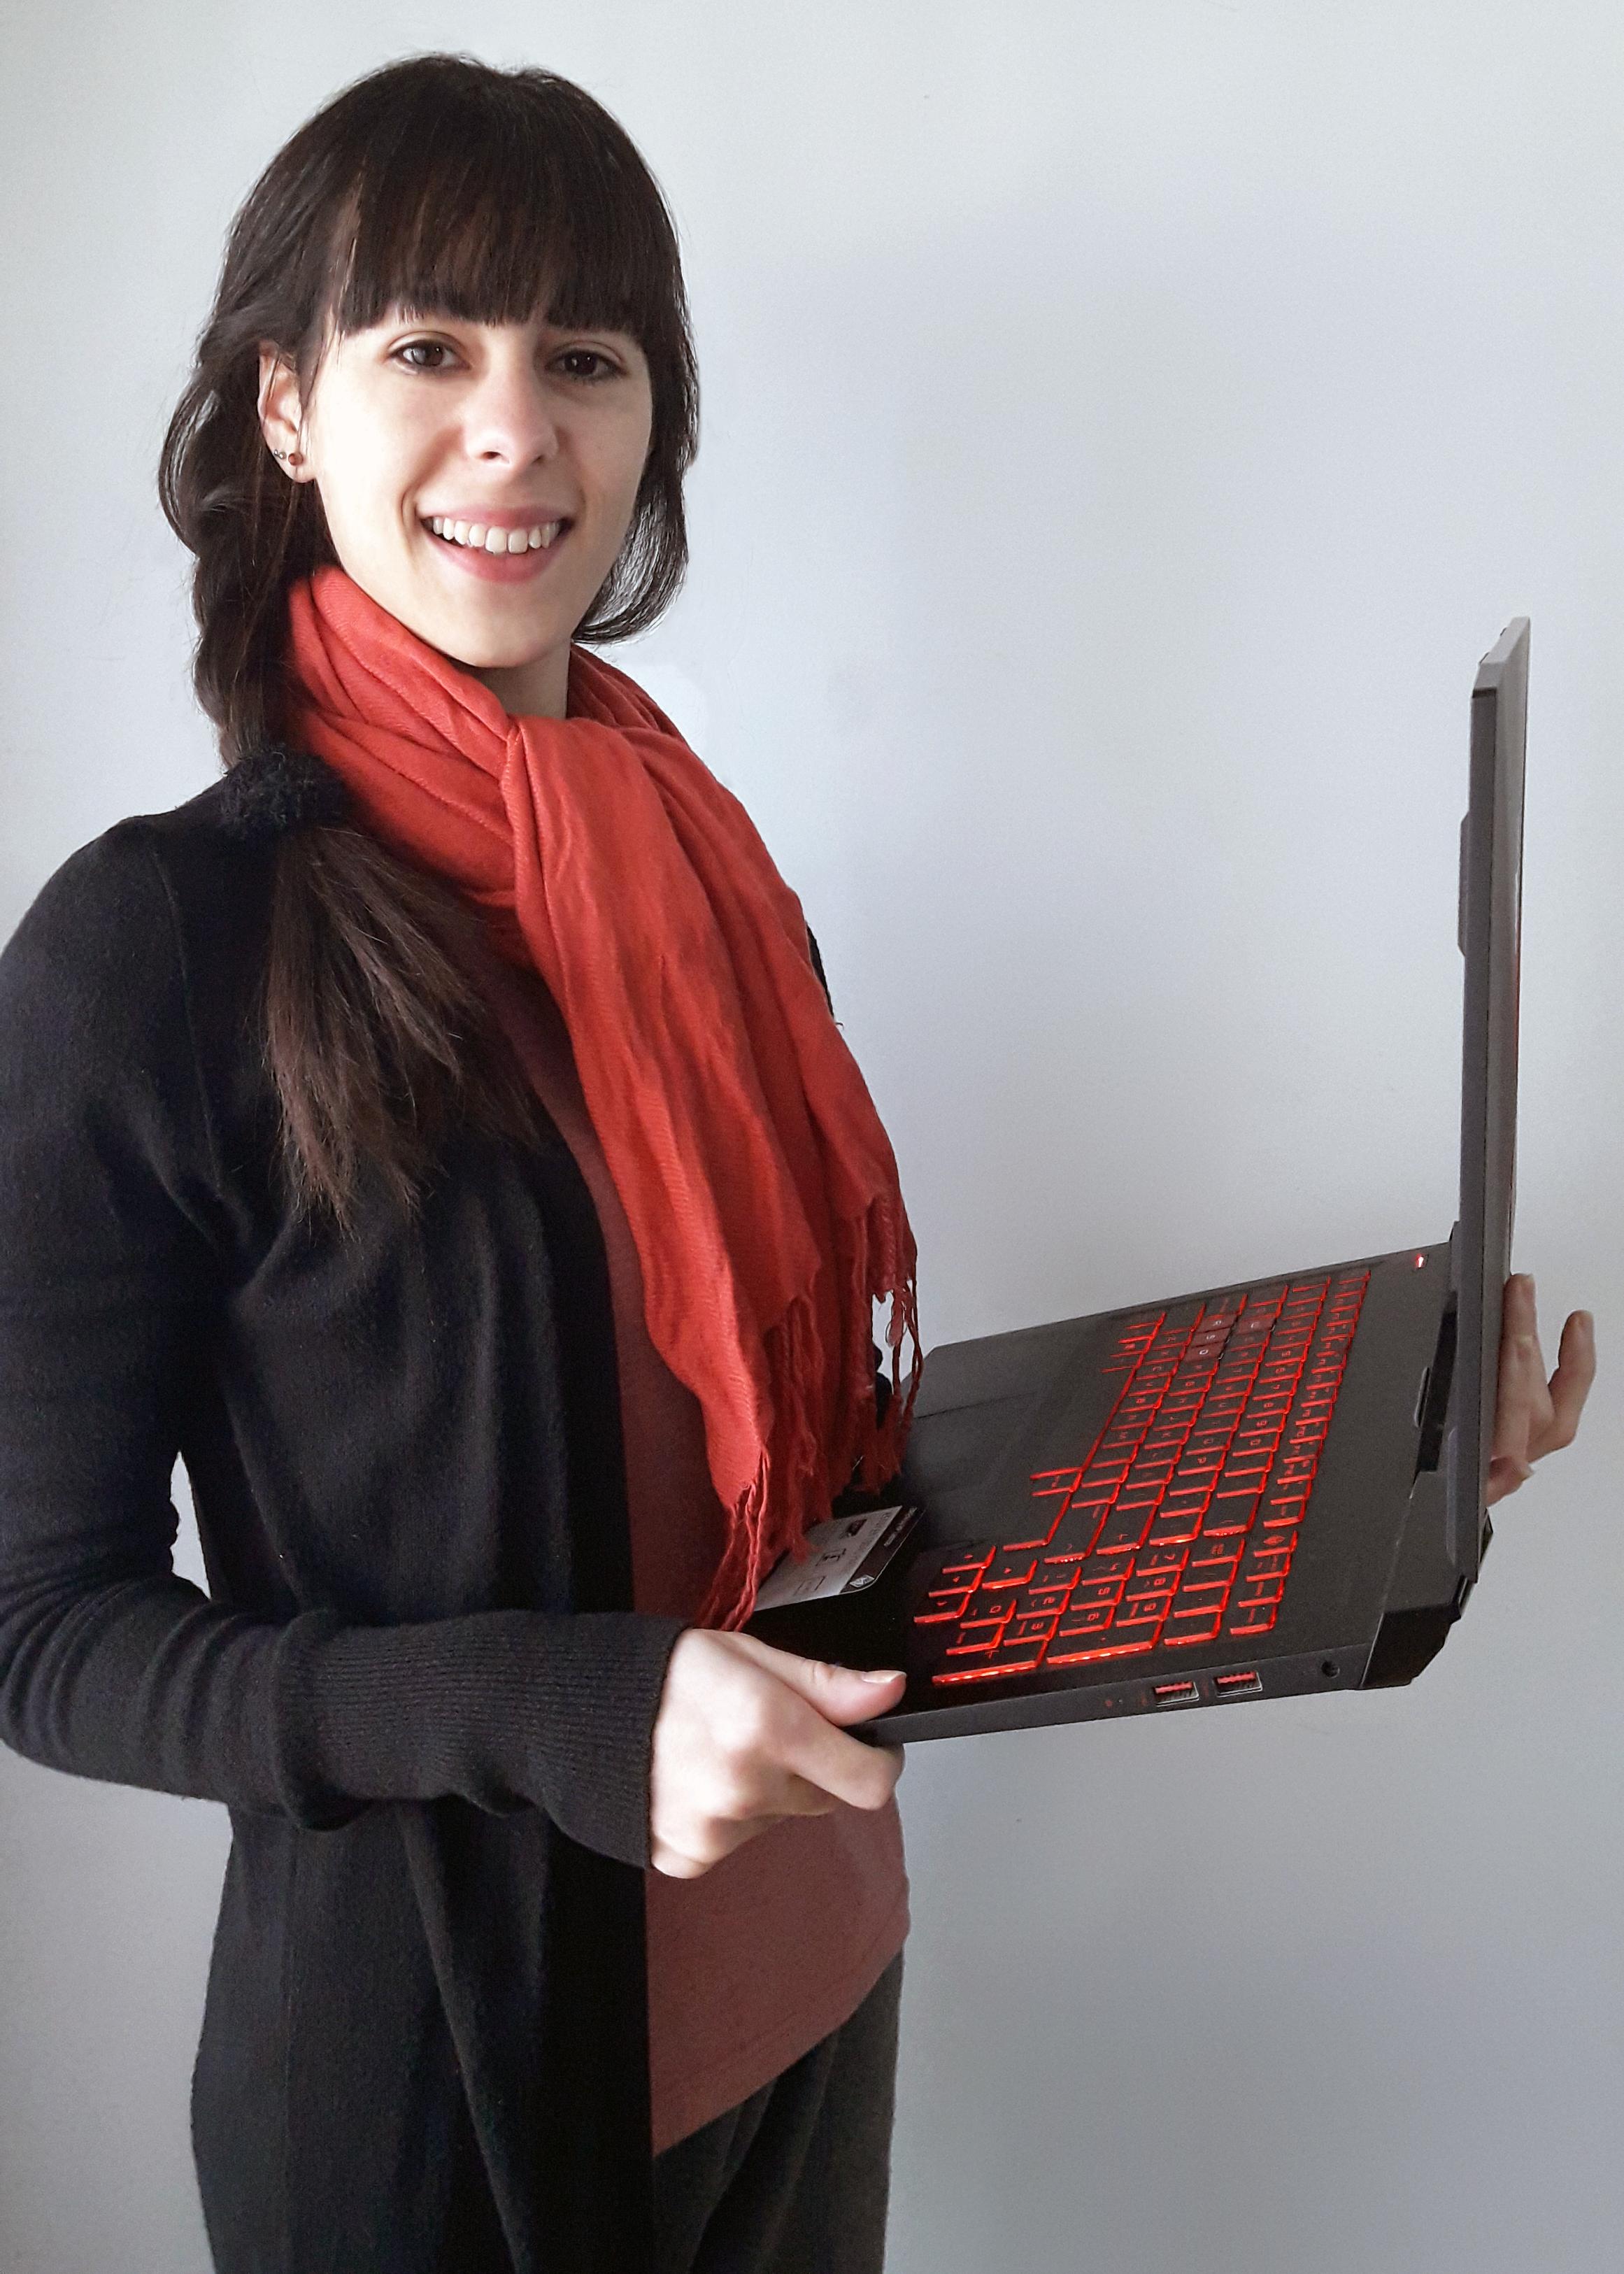 fotografía de Valeria García, mujer joven sosteniendo una notebook y sonriendo a la cámara